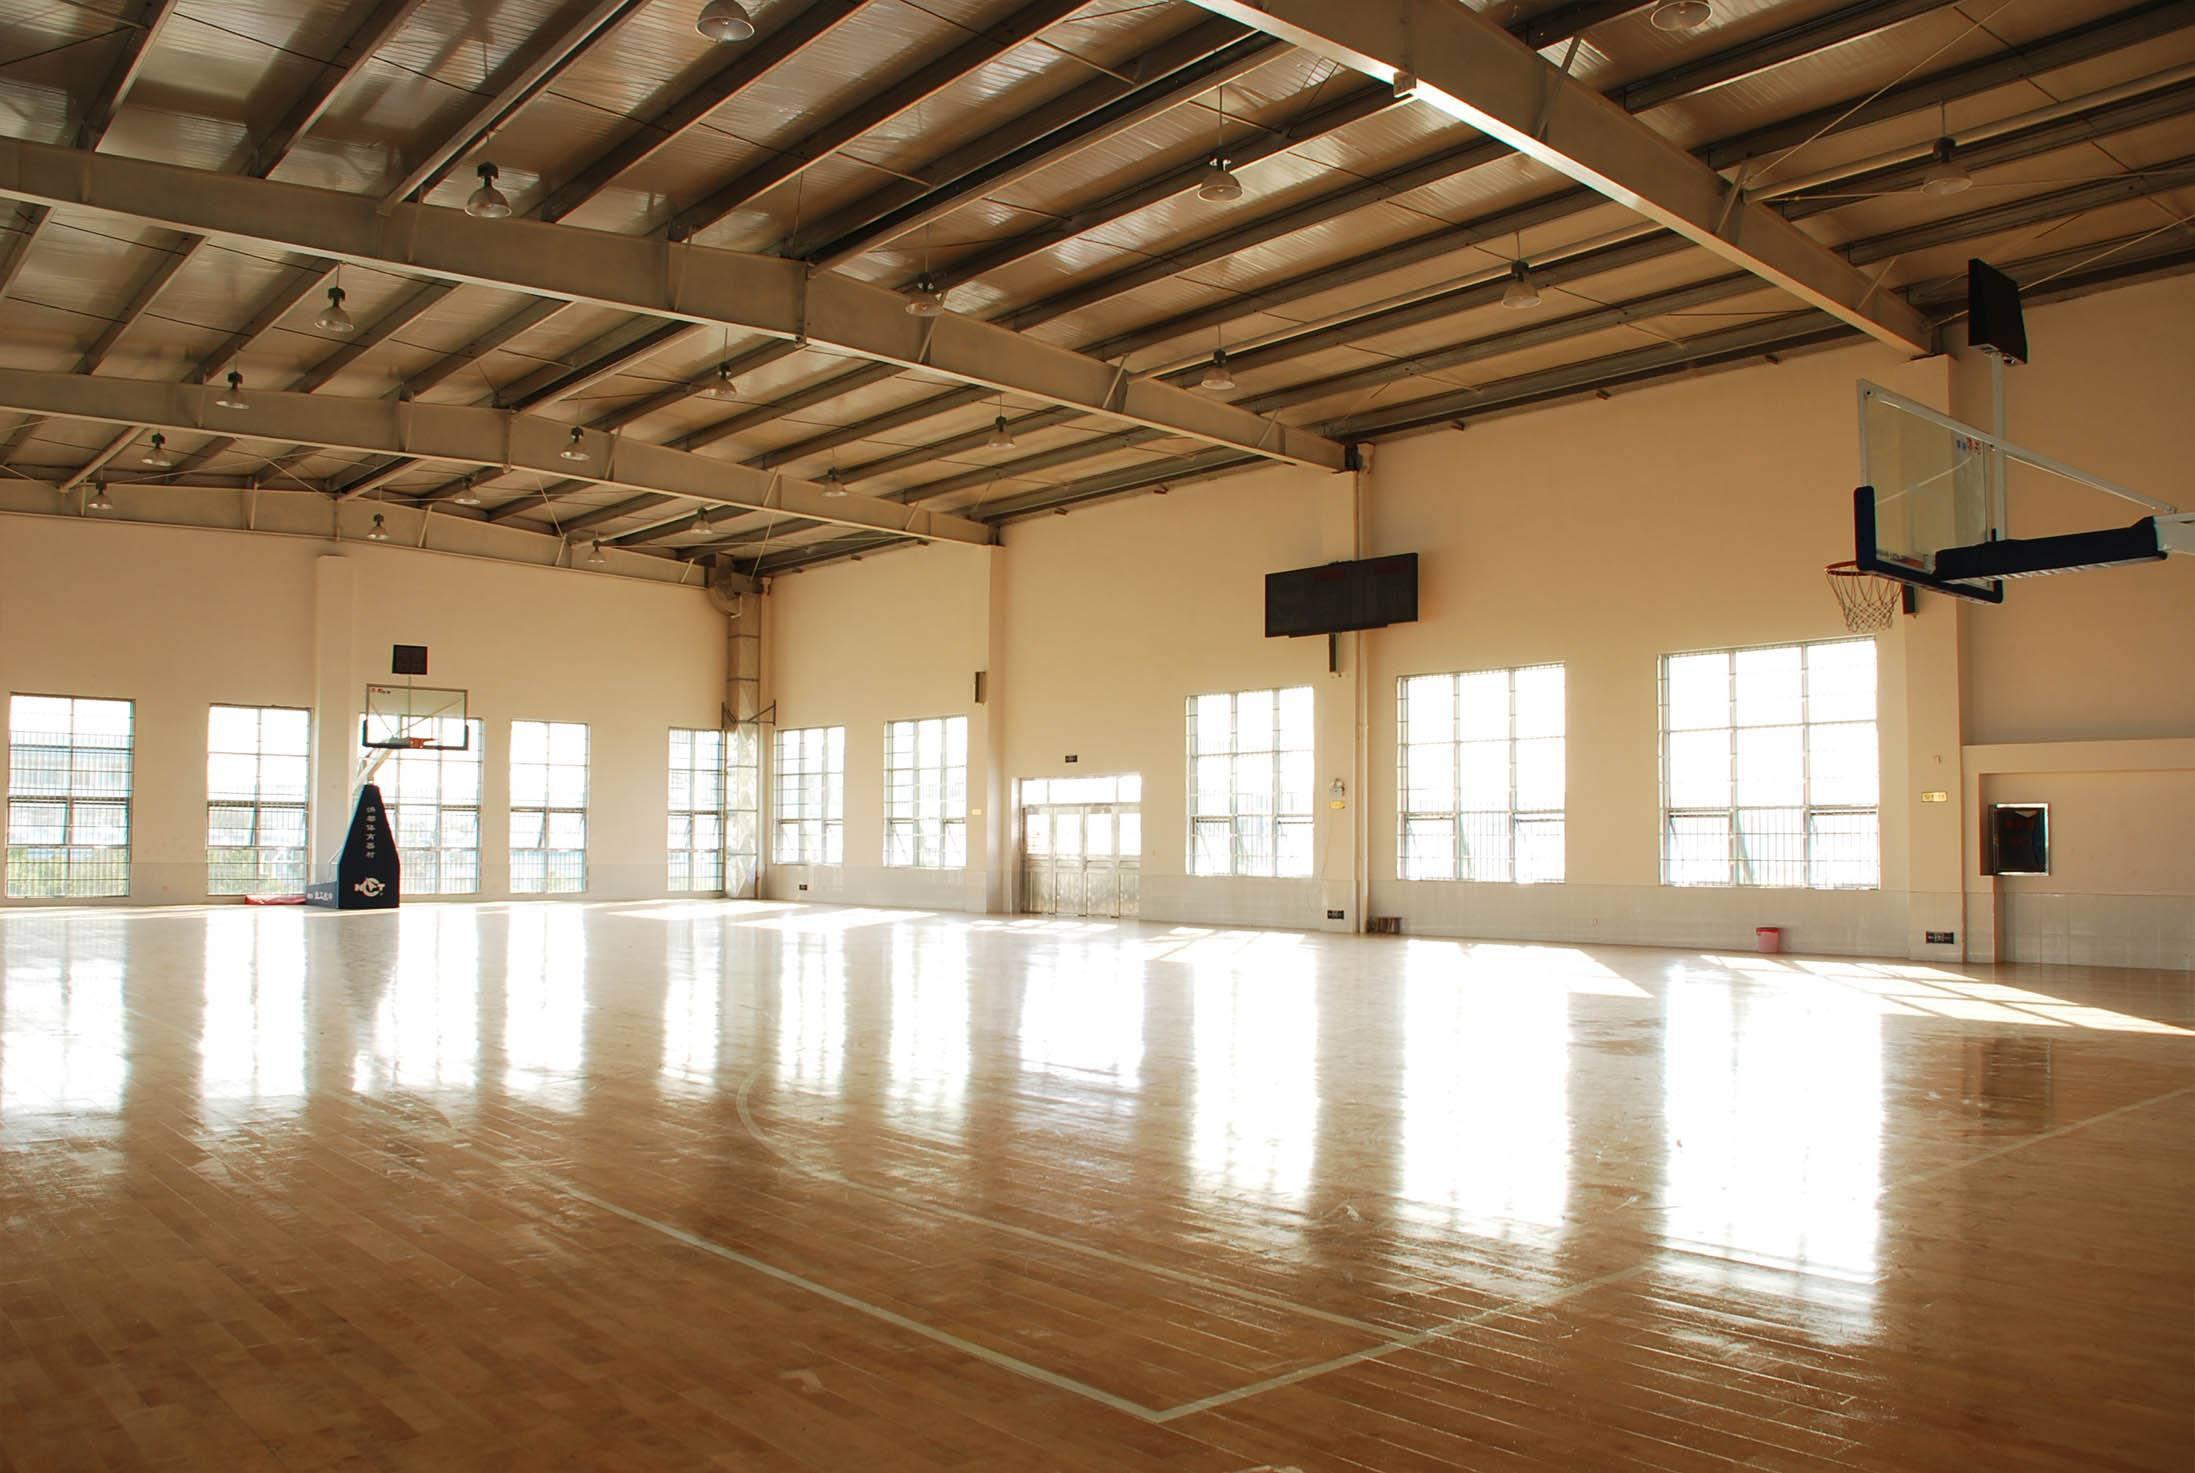 室内篮球场照明基本原则:考虑灯具的配置